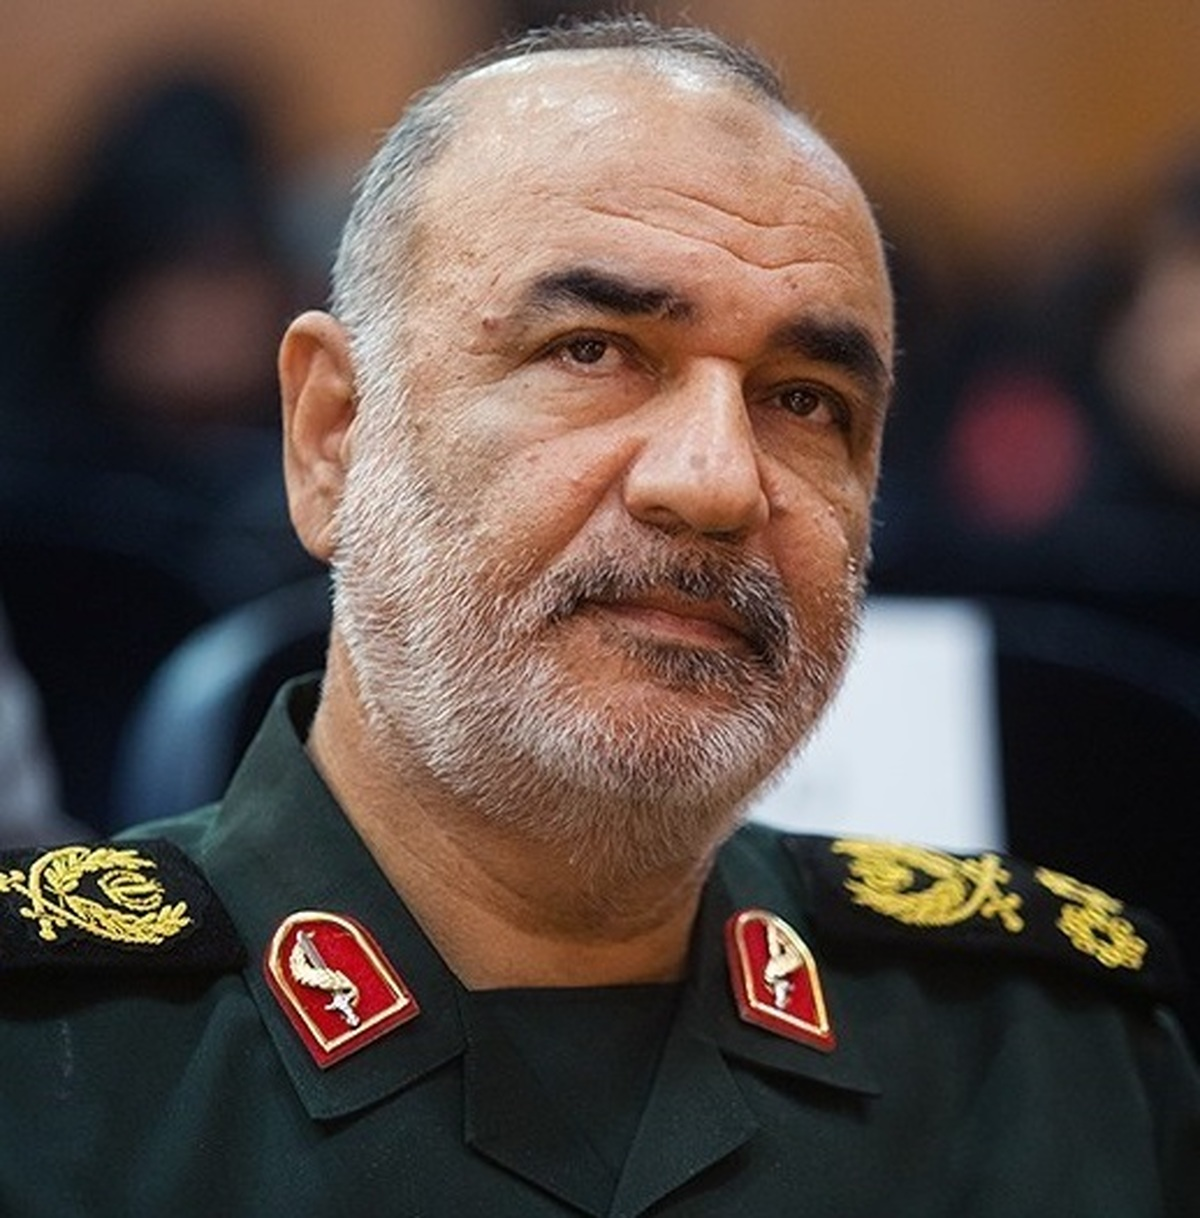 امنیت ایران مدیون ایستادگی شهدا است